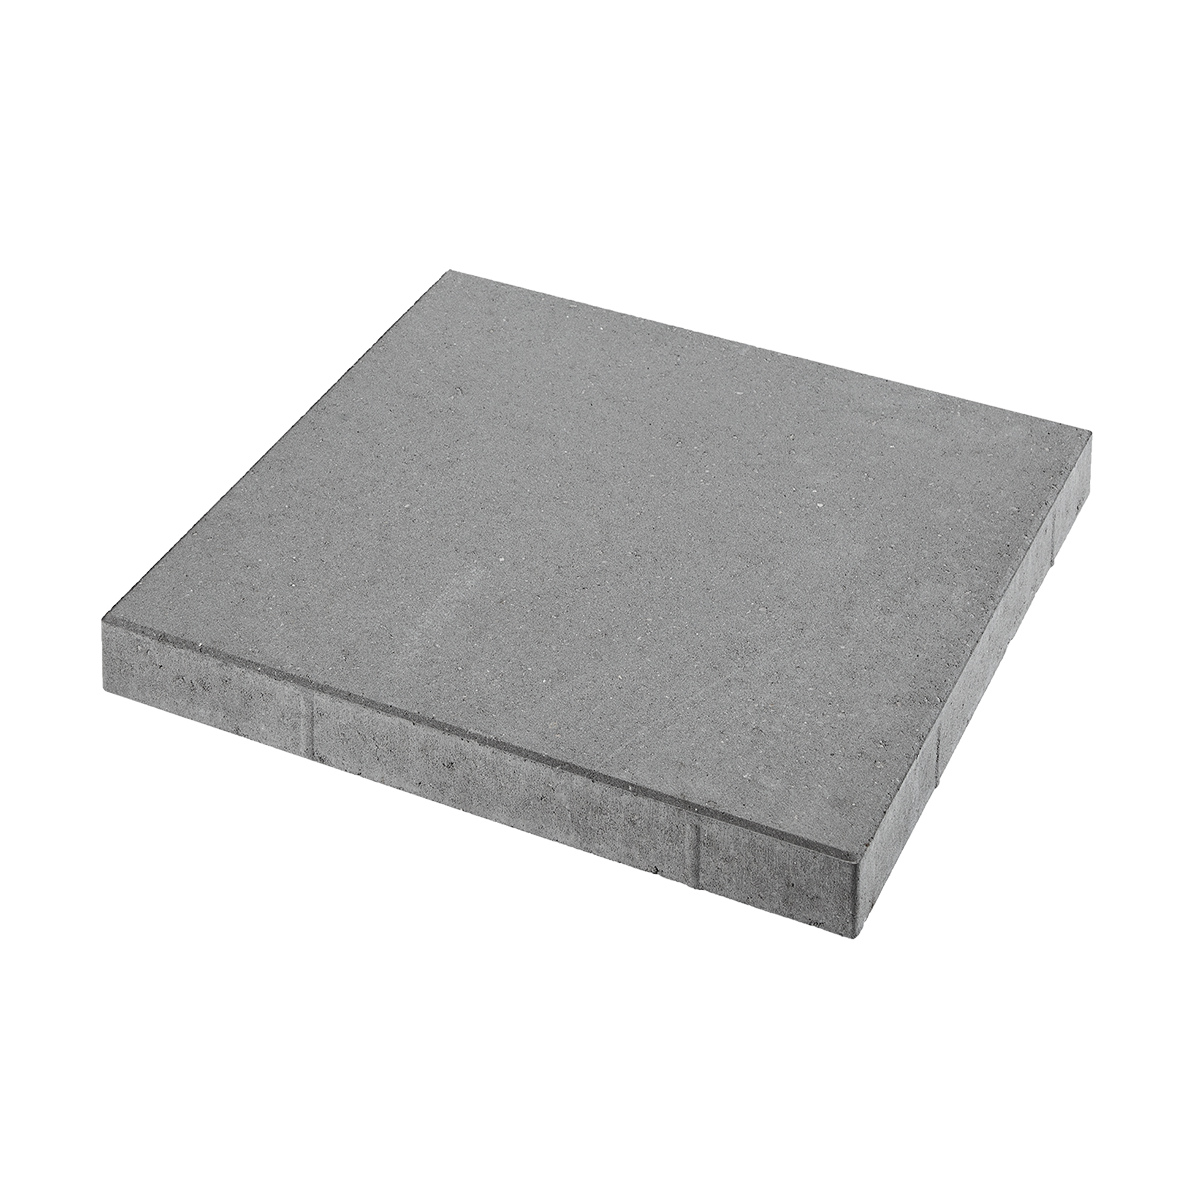 Fliser 60x60x6 cm Grå